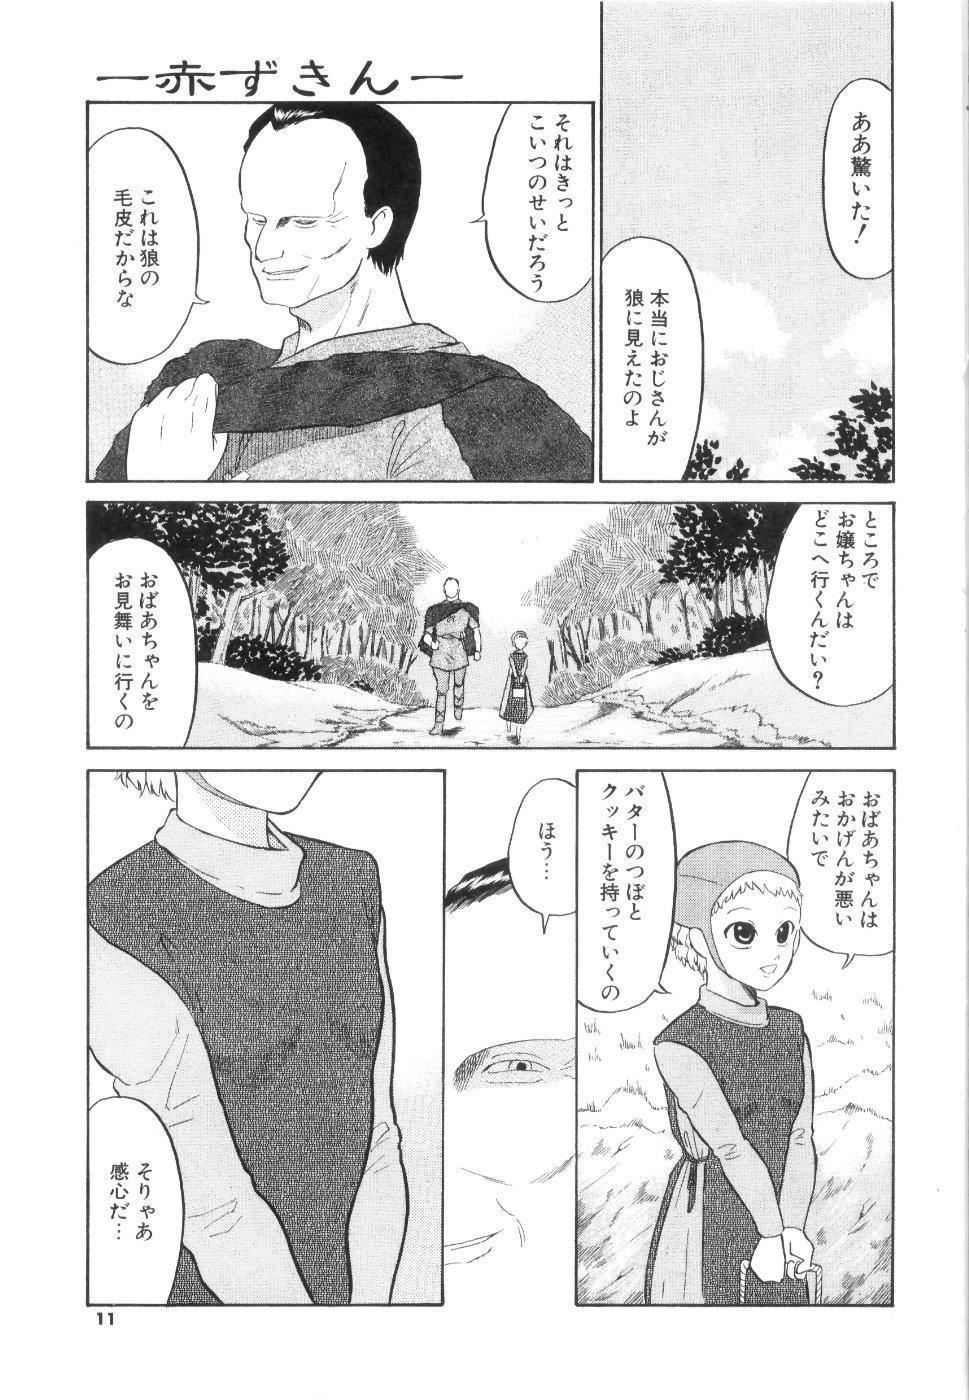 [Dozamura] Doguu -Dozamura Guuwa- Kuro 11